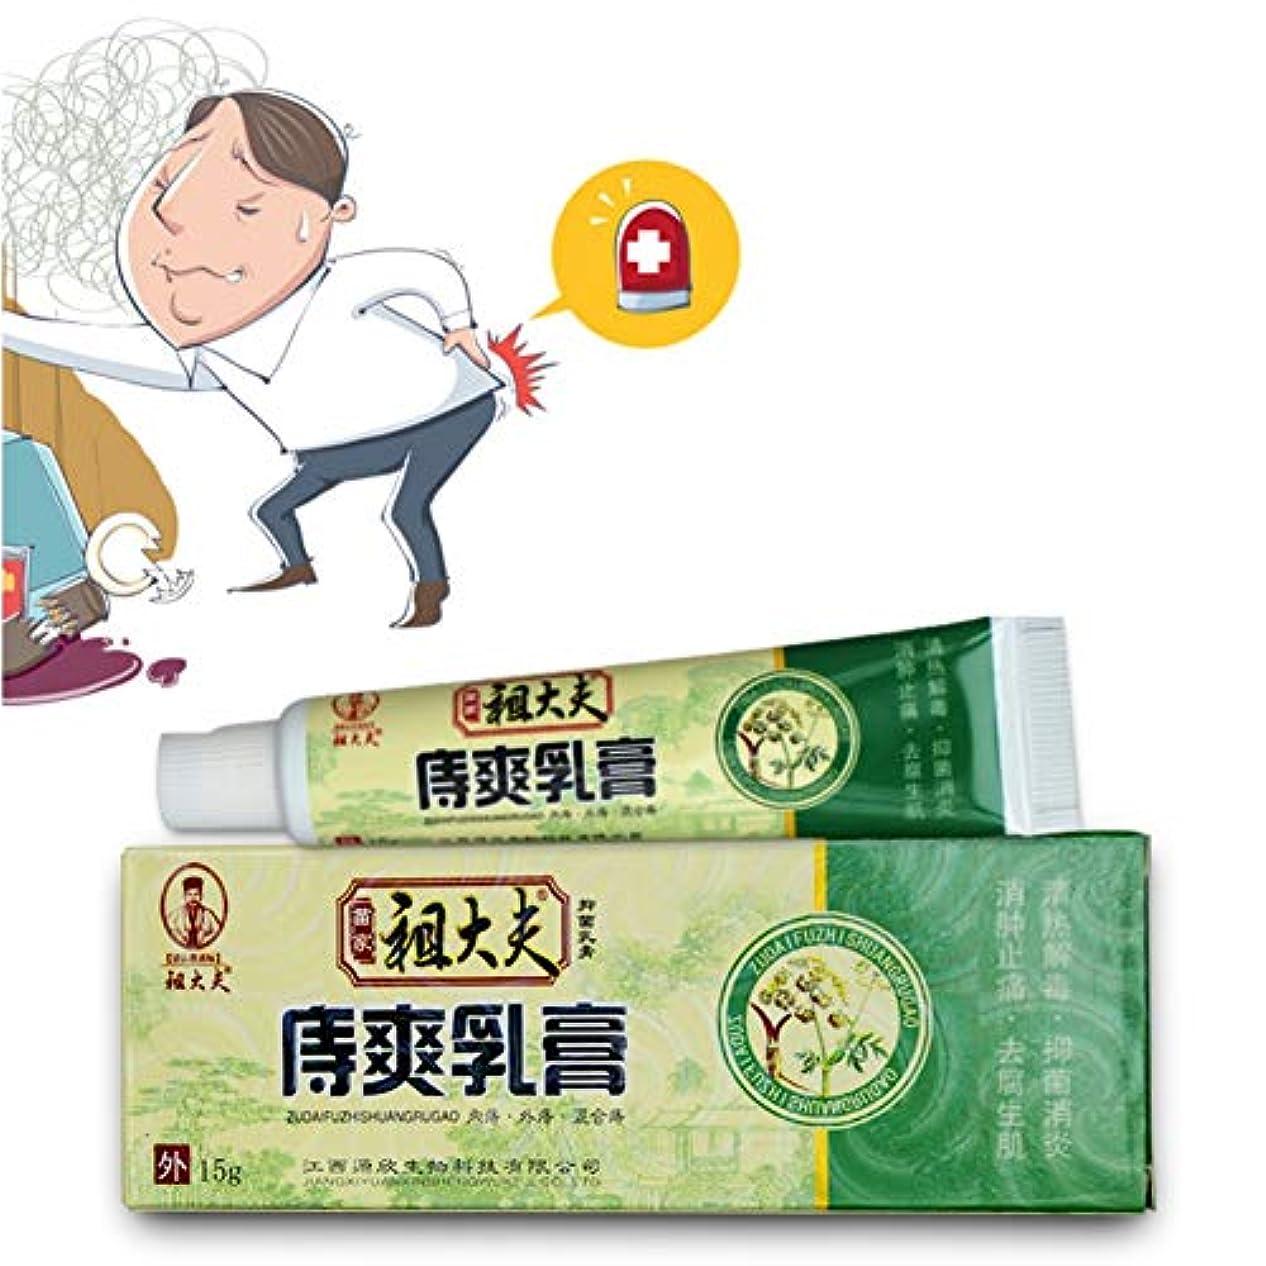 応答食用安全でないBalai He軟膏 痛みのかゆみ肛門ケアクリーム 漢方薬製品 痔のクリーム 痔